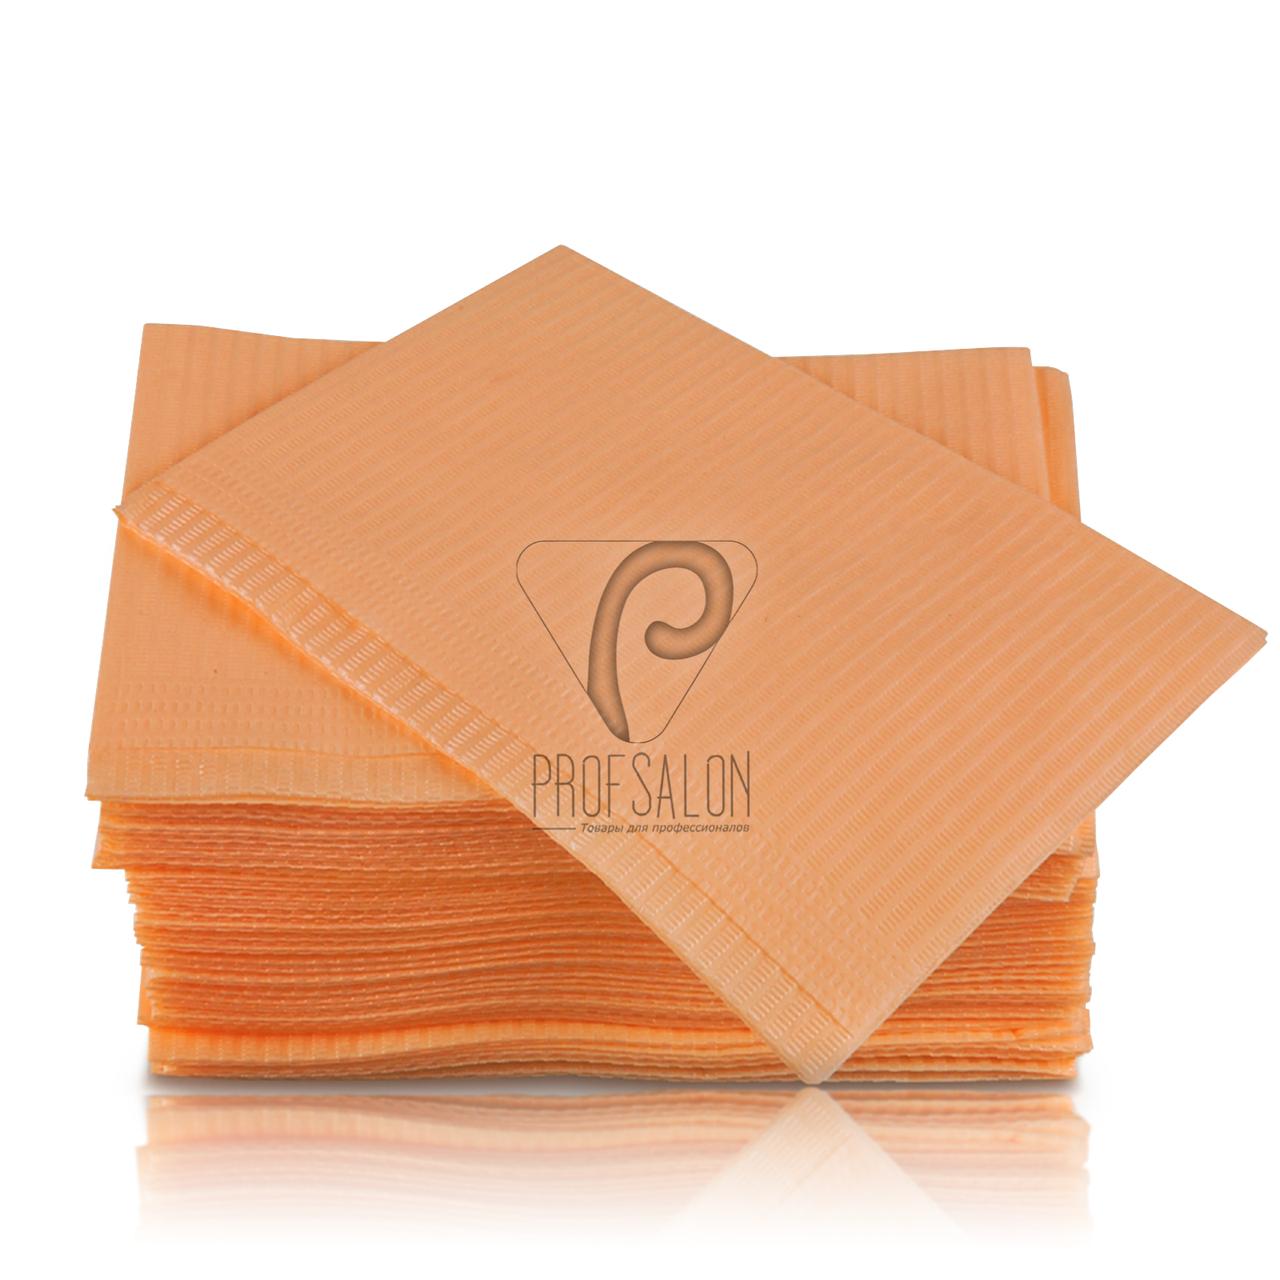 Стоматологические салфетки нагрудники непромокаемые, 500 шт, 45х32см, персиковые